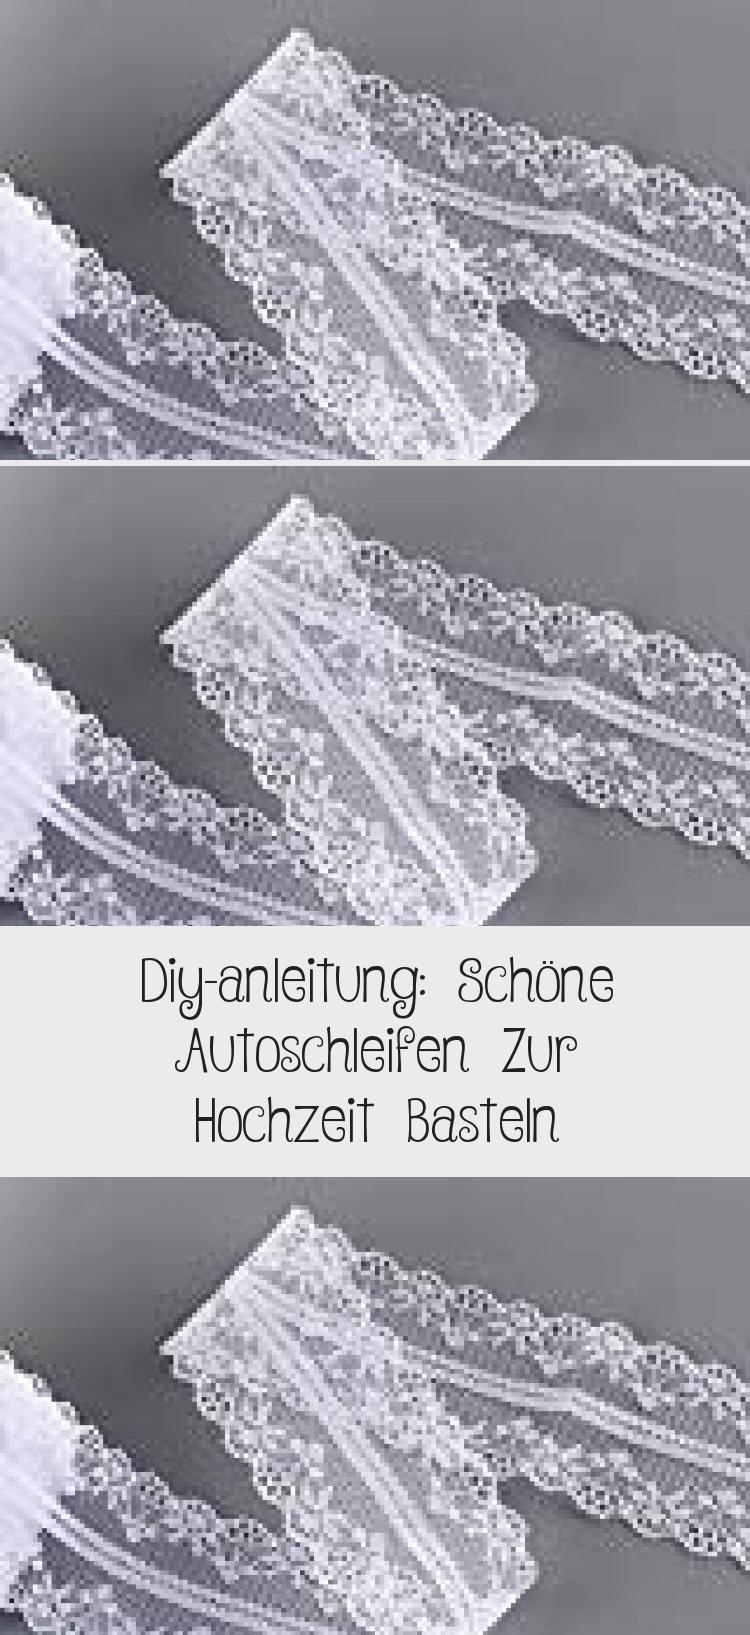 Diy Anleitung Schone Autoschleifen Zur Hochzeit Basteln